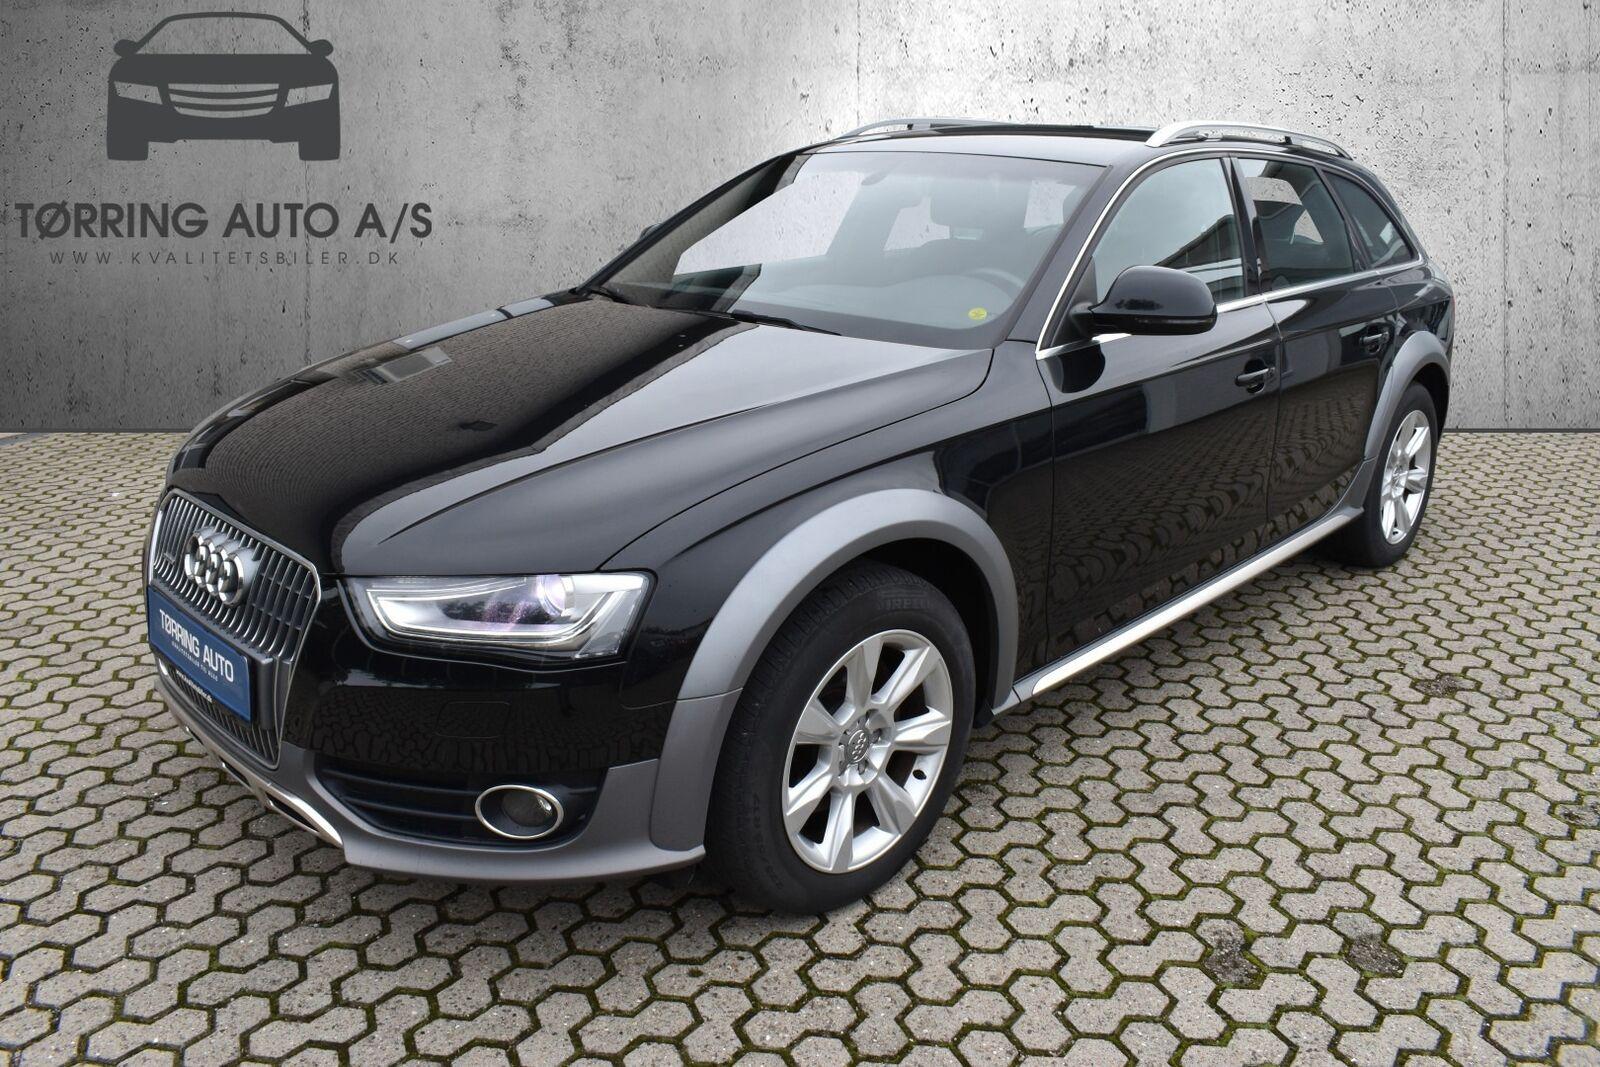 Audi A4 allroad 3,0 TDi 245 quattro S-tr. 5d - 319.900 kr.